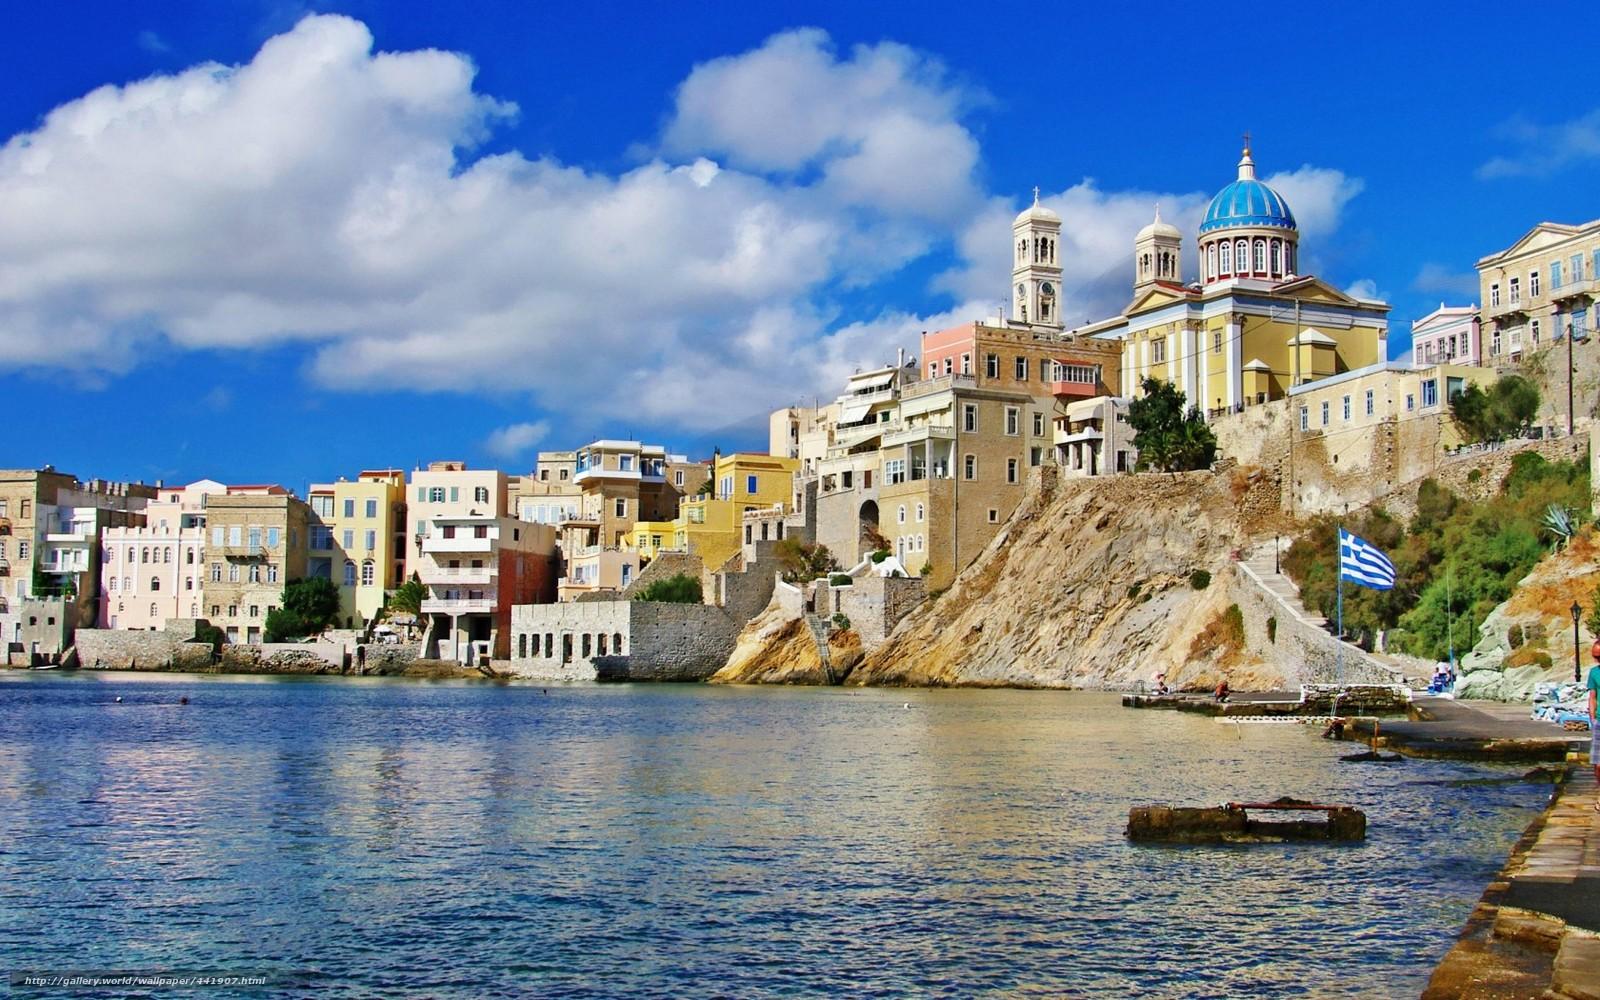 scaricare gli sfondi mare costa citt grecia sfondi